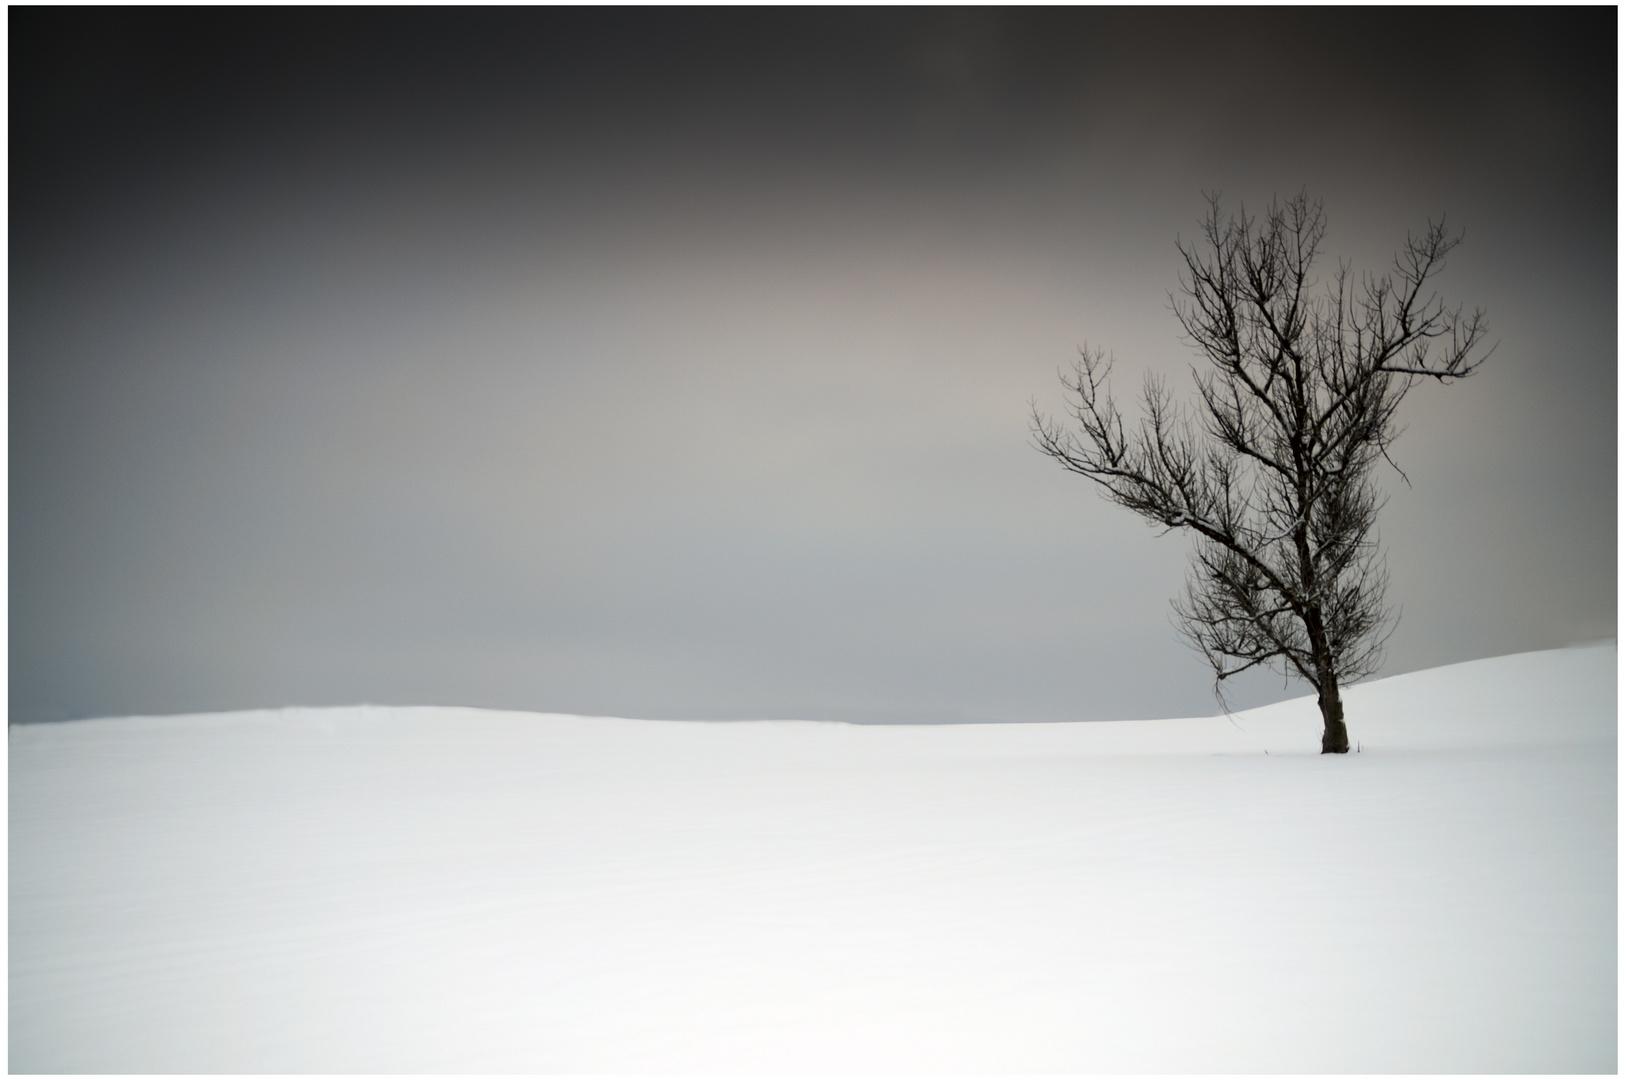 Winter ist meist...